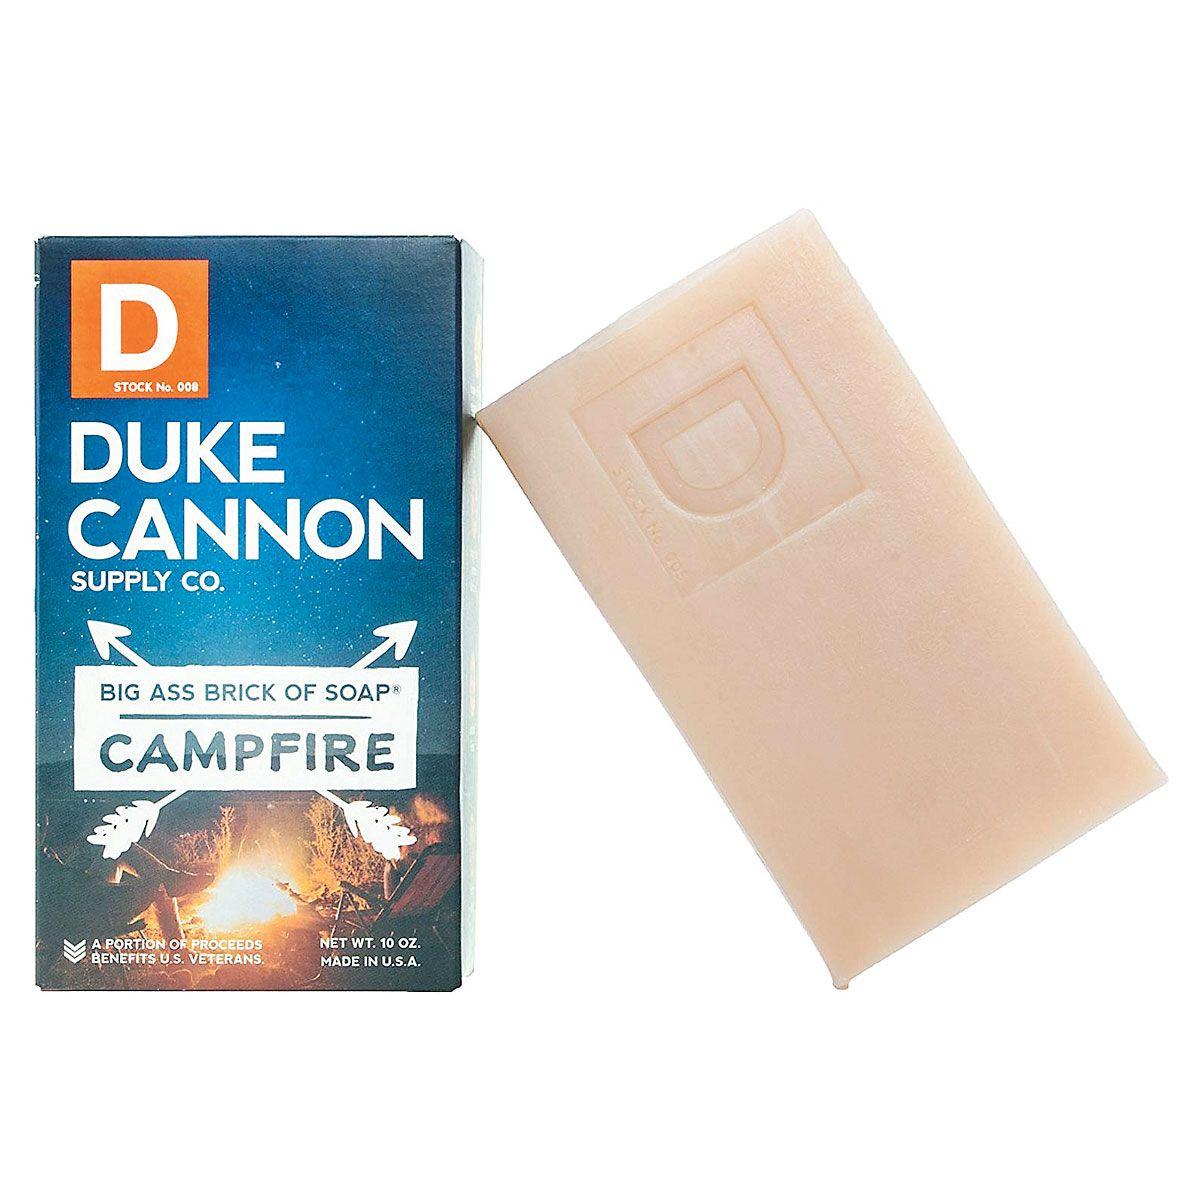 Duke Cannon Campfire Scented Brick of Soap